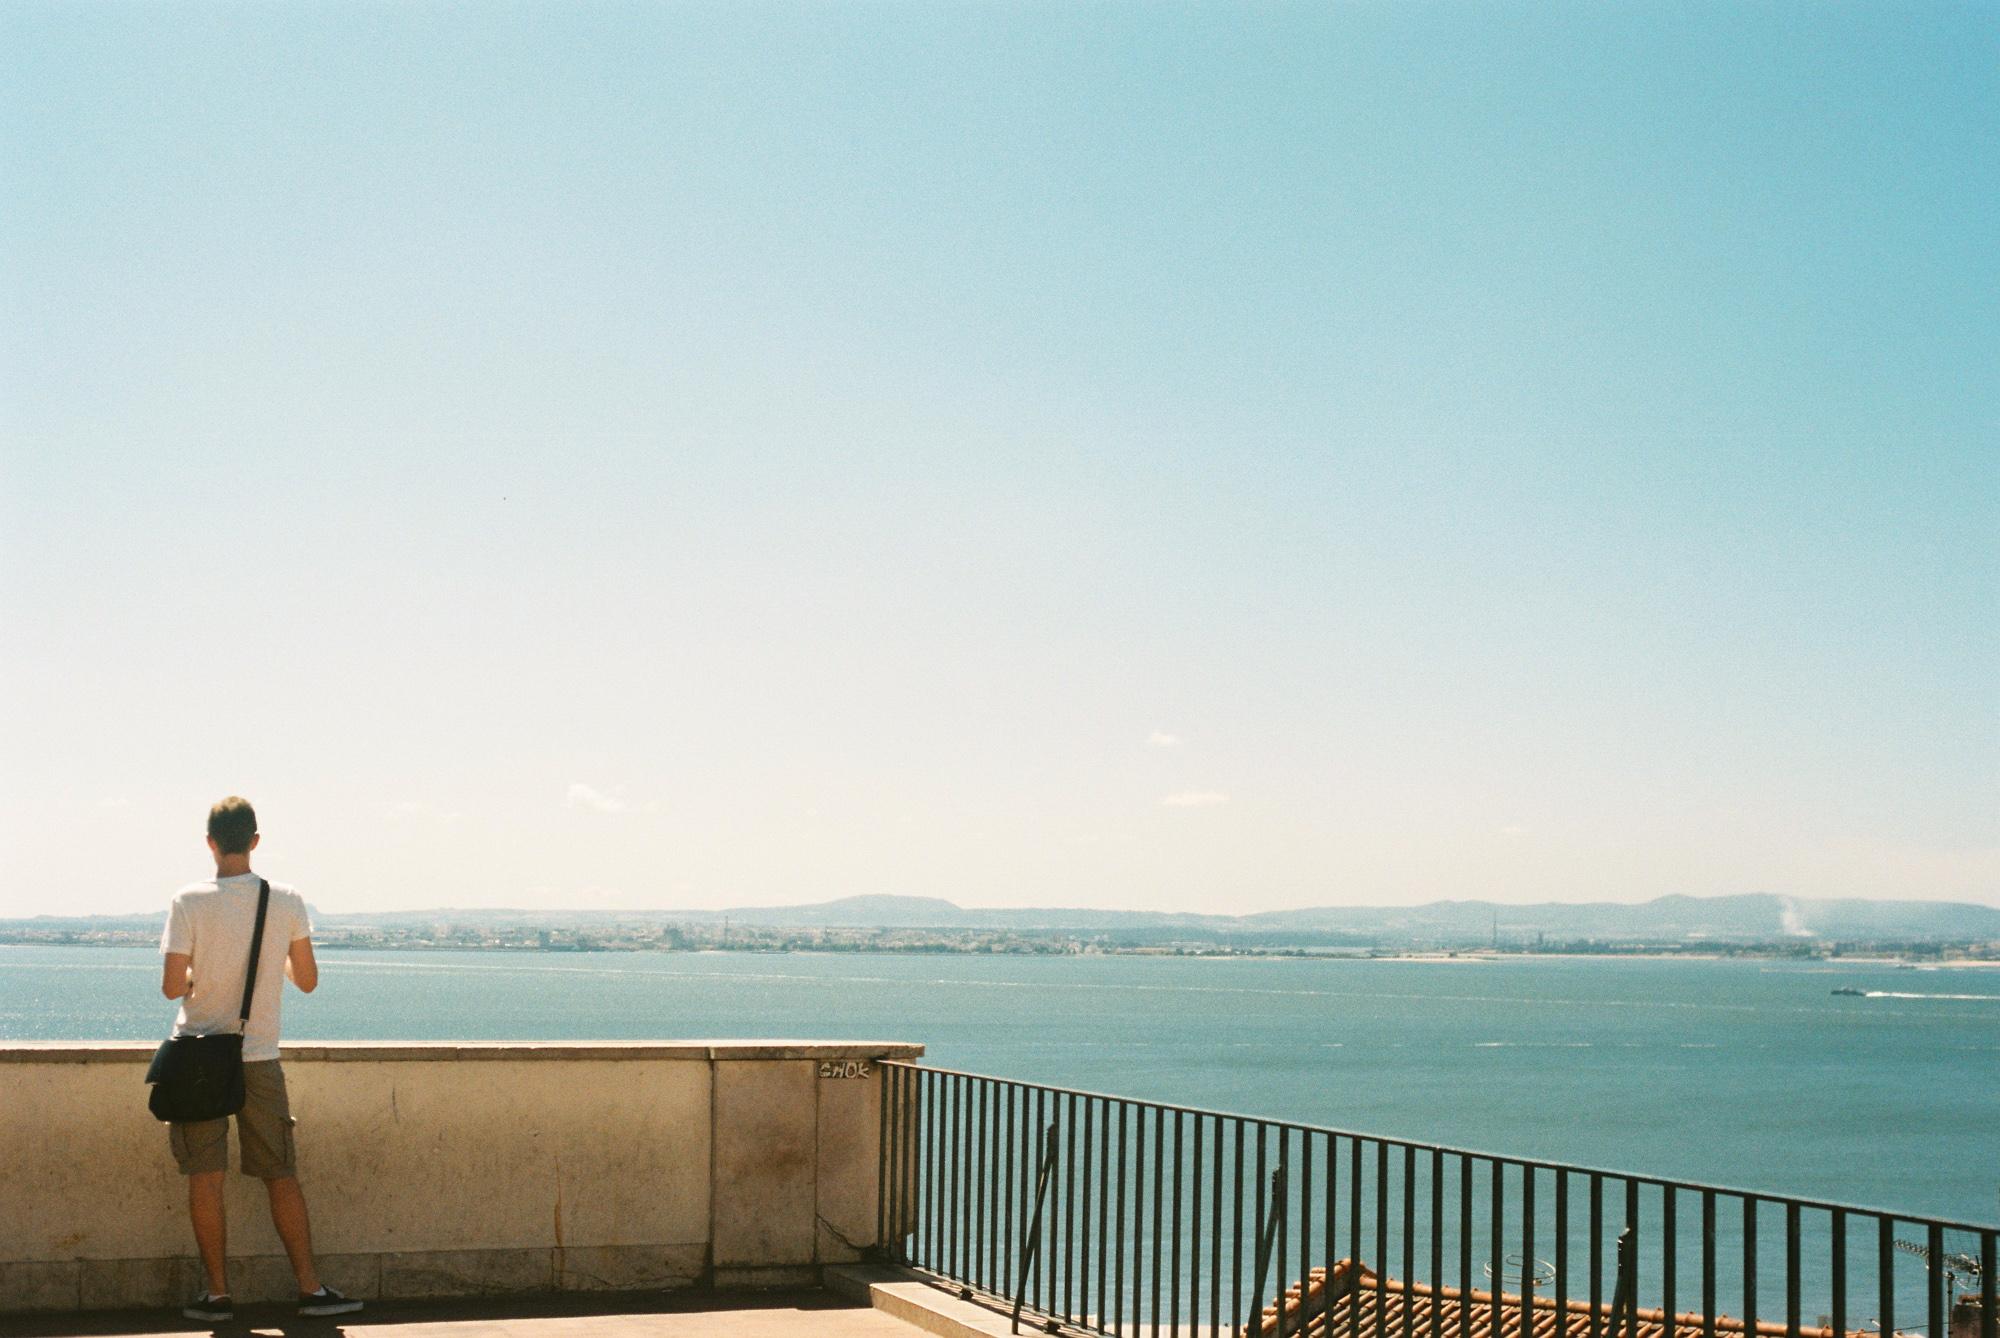 Fotografia-Analogica-Lisboa-Filme-Oceanica-26.jpg